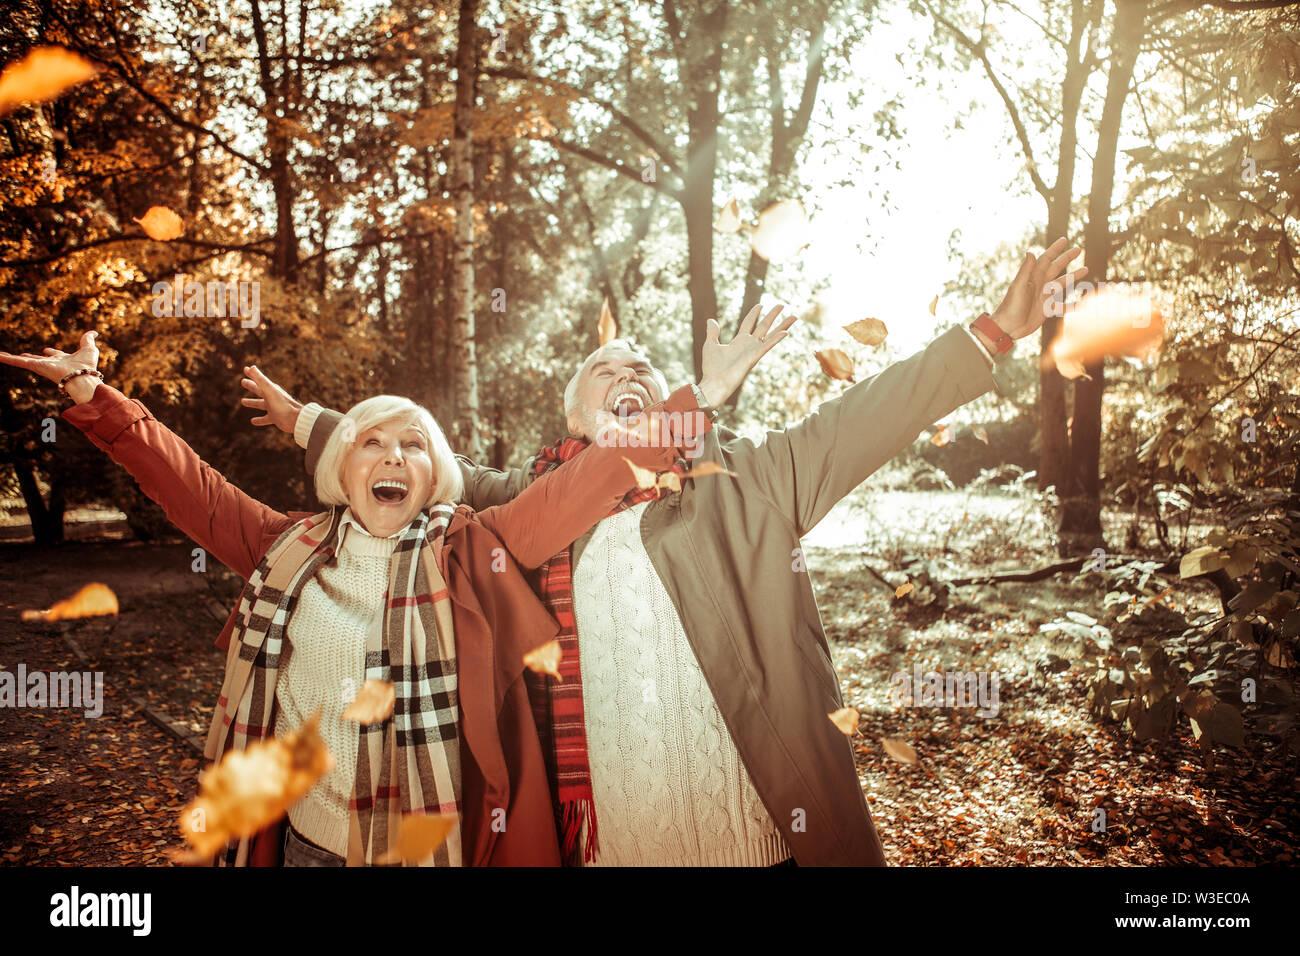 Cheerful couple marié d'être excité à l'automne. Photo Stock